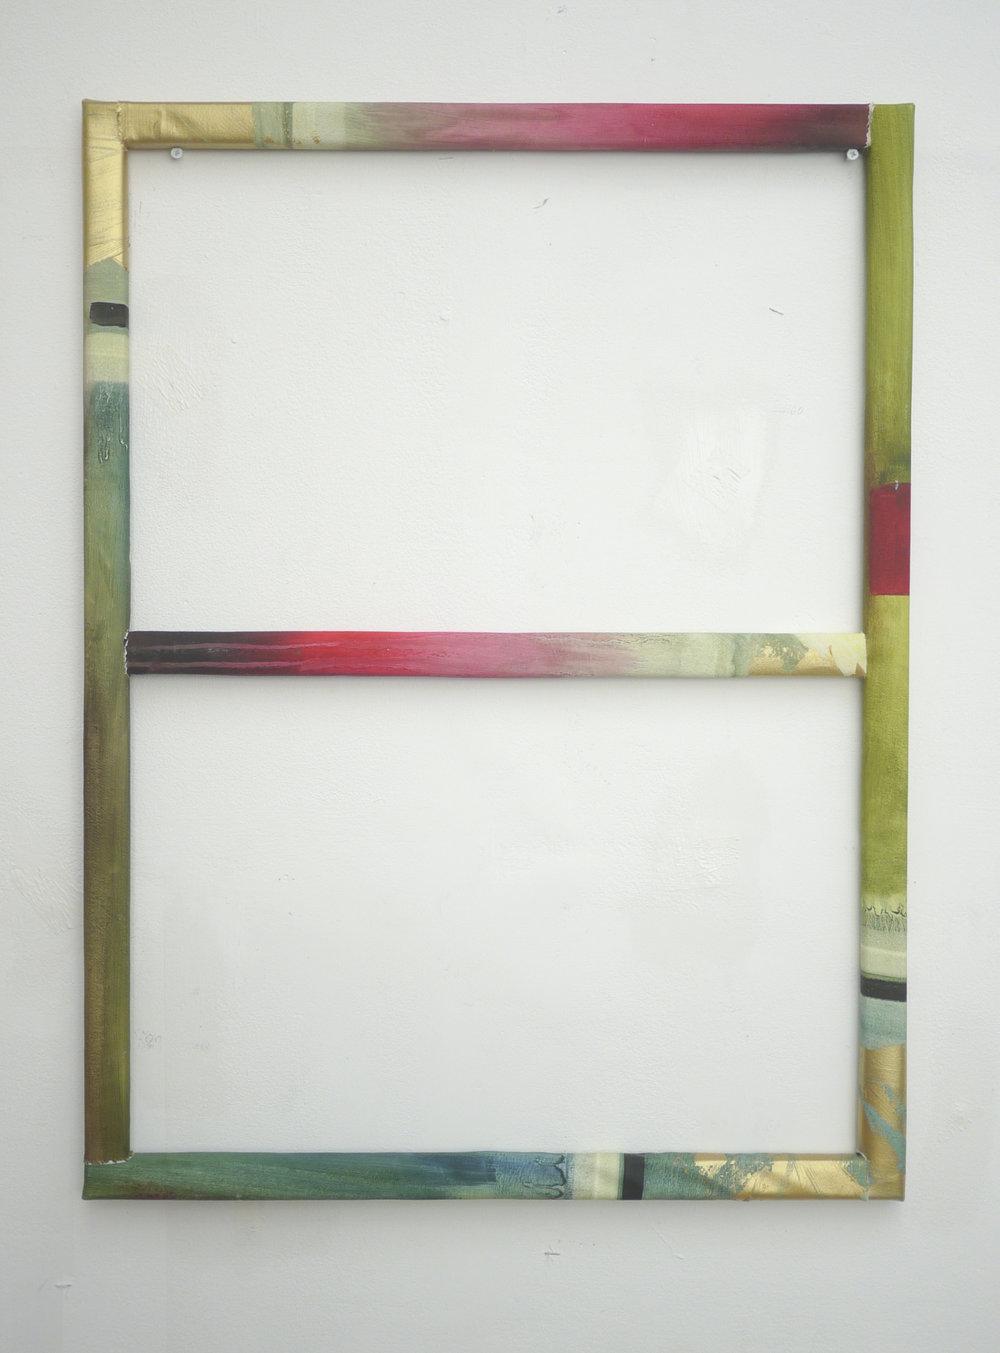 Frame 1 (2017)